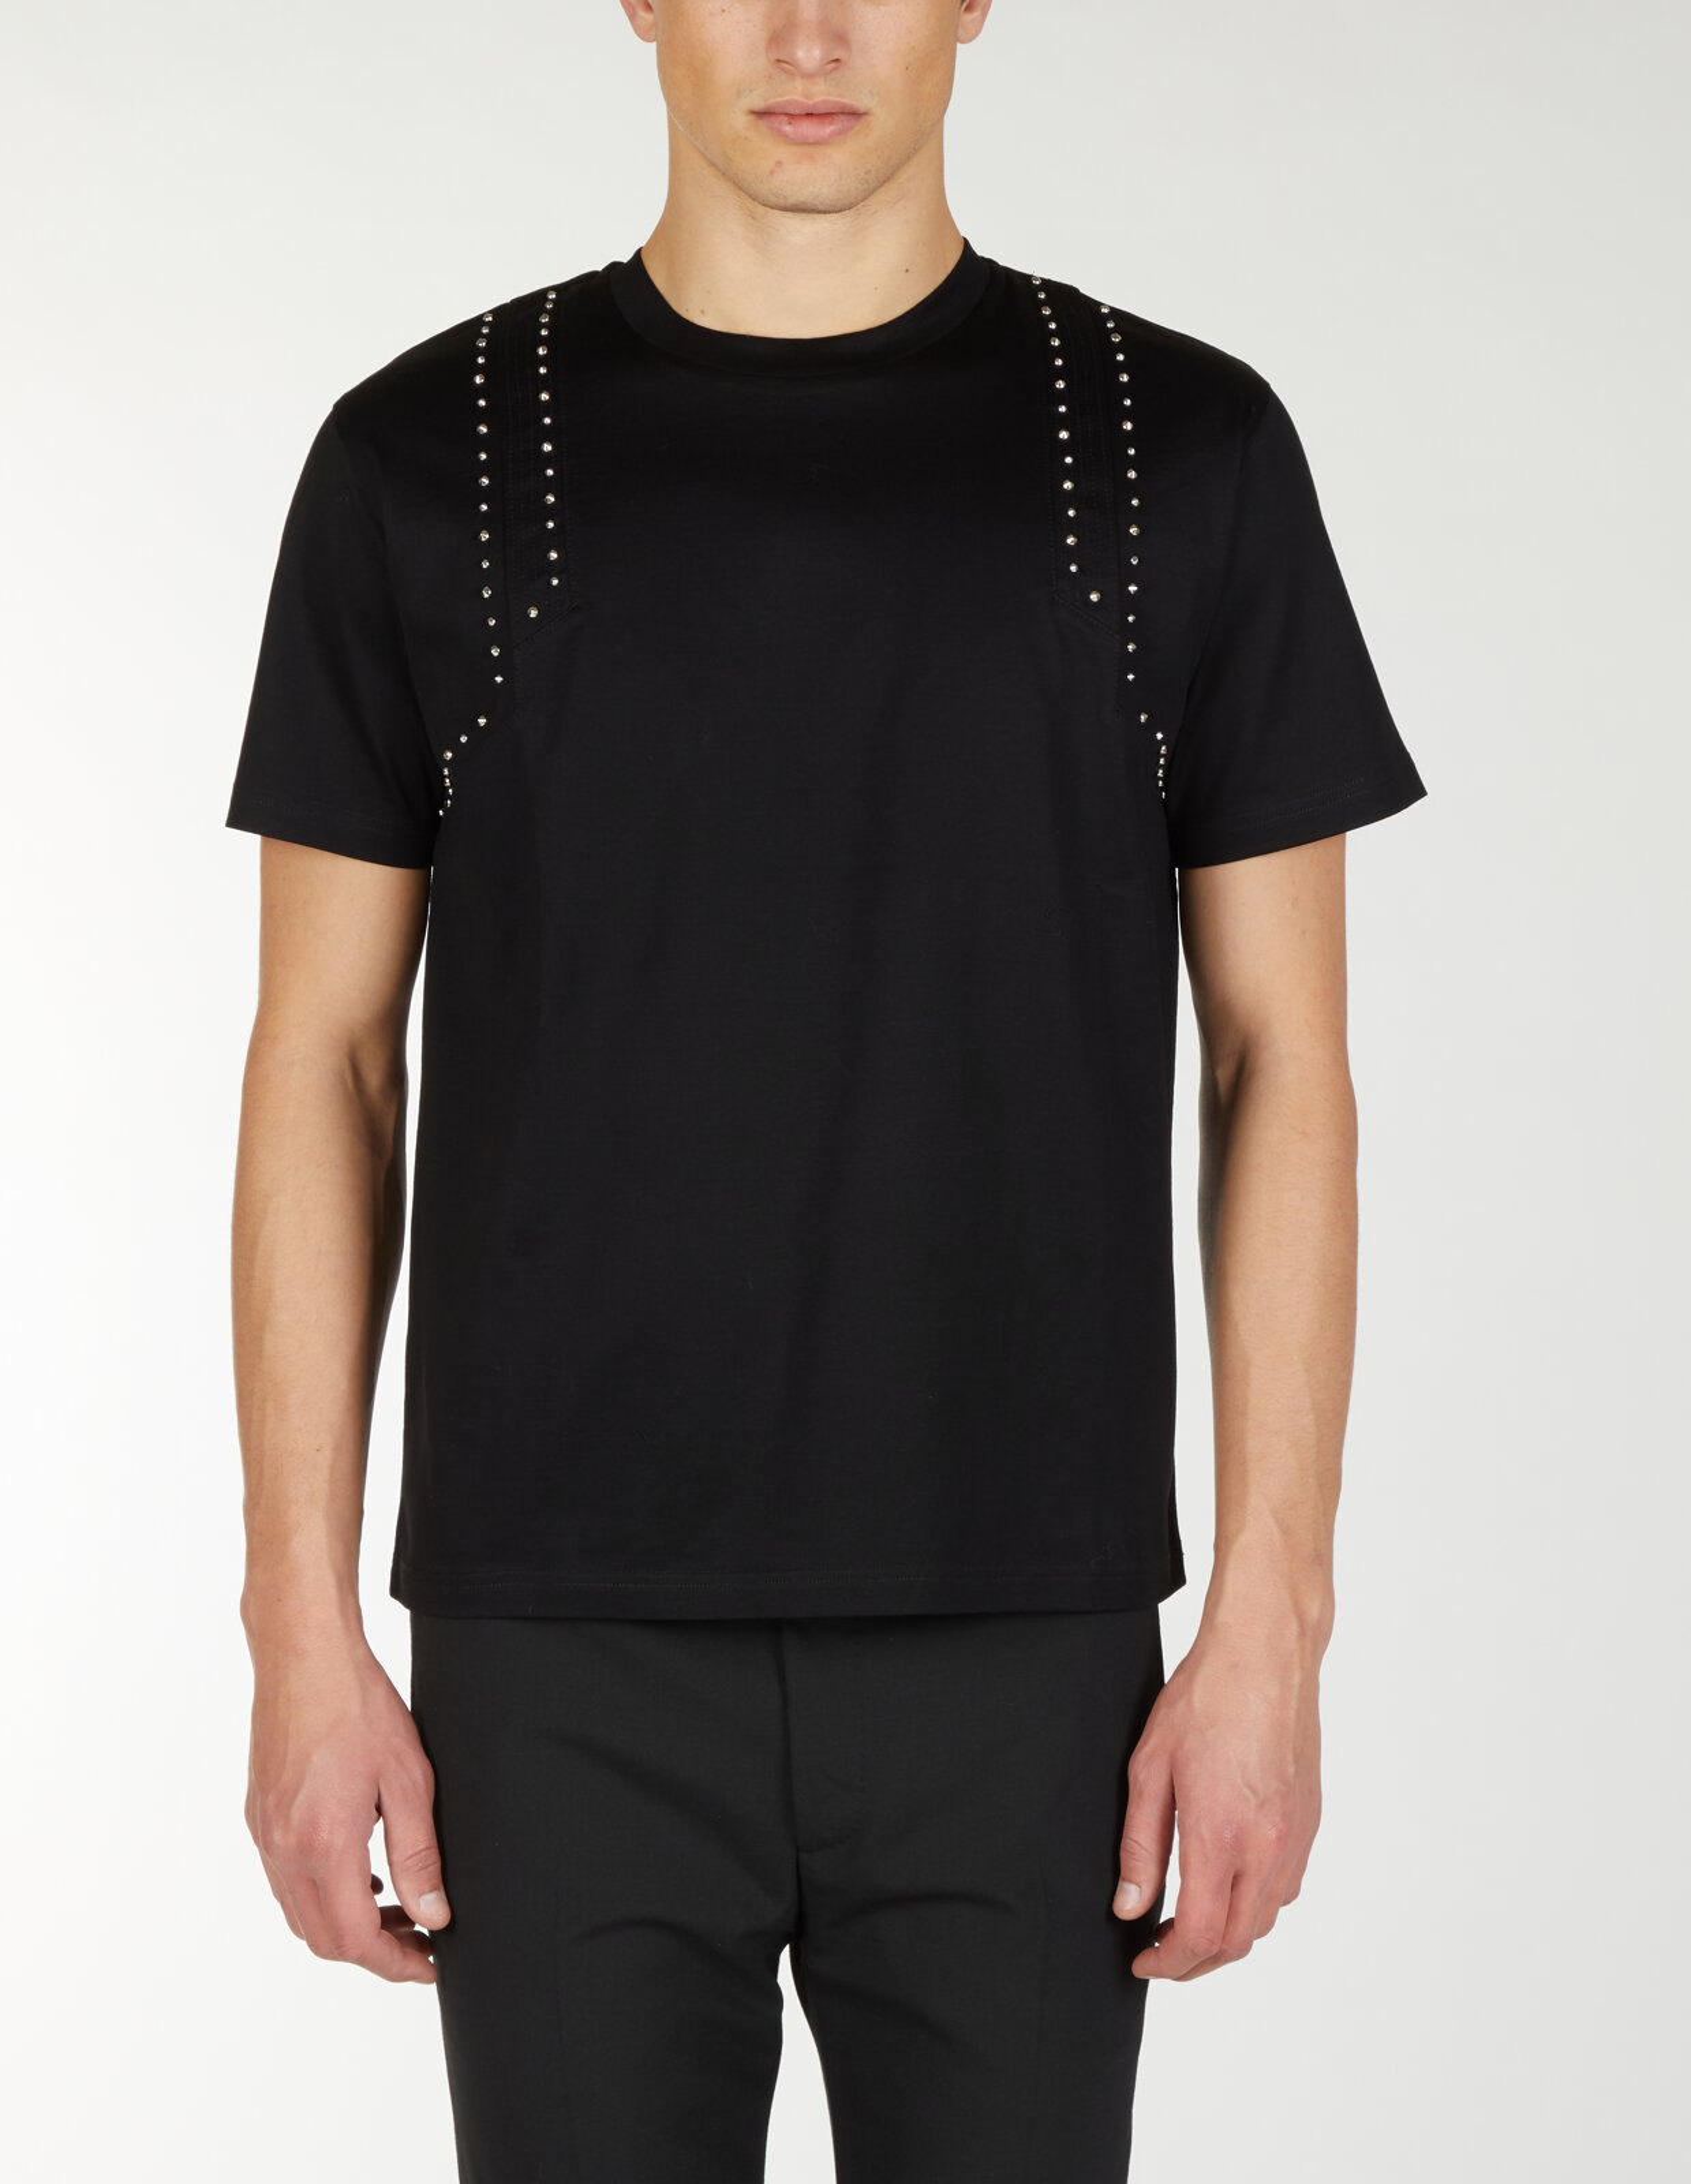 T-Shirt Con Borchie - Les Hommes